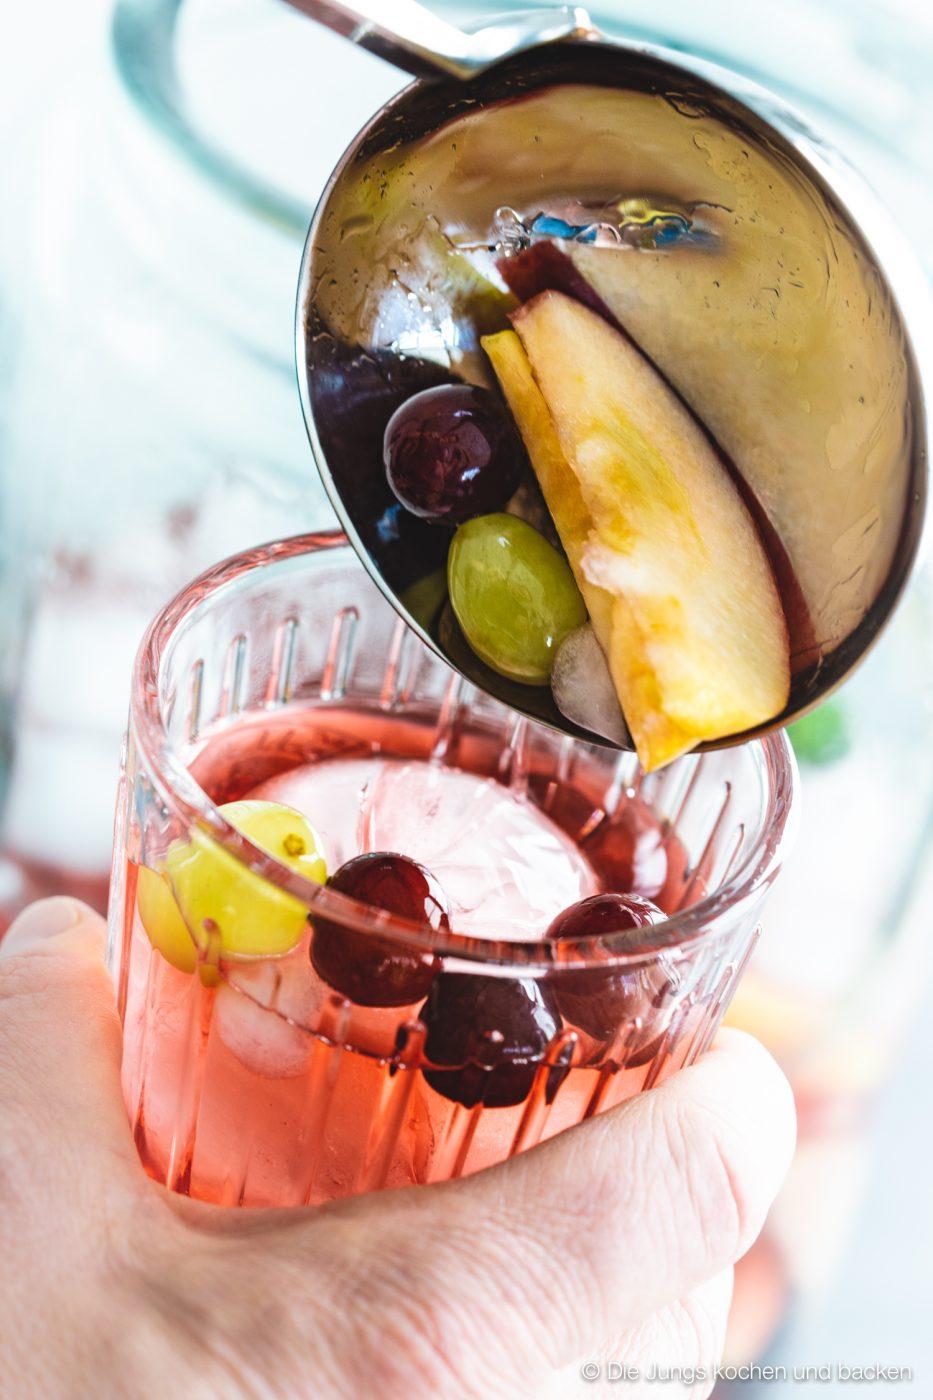 Bowle Saft 6 | Heute haben wir eine wunderbar fruchtige Bowle für euch dabei! Gerade an den warmen Tagen ist man doch für jede Abkühlung dankbar, oder? Aber warum irgendetwas trinken?! Eine erfrischende, alkoholfreie Bowle bringt euch perfekt durch den Tag. Deswegen solltet ihr unbedingt unsere Apfel-Trauben-Bowle mit Ginger Ale und Holunderbeere probieren.